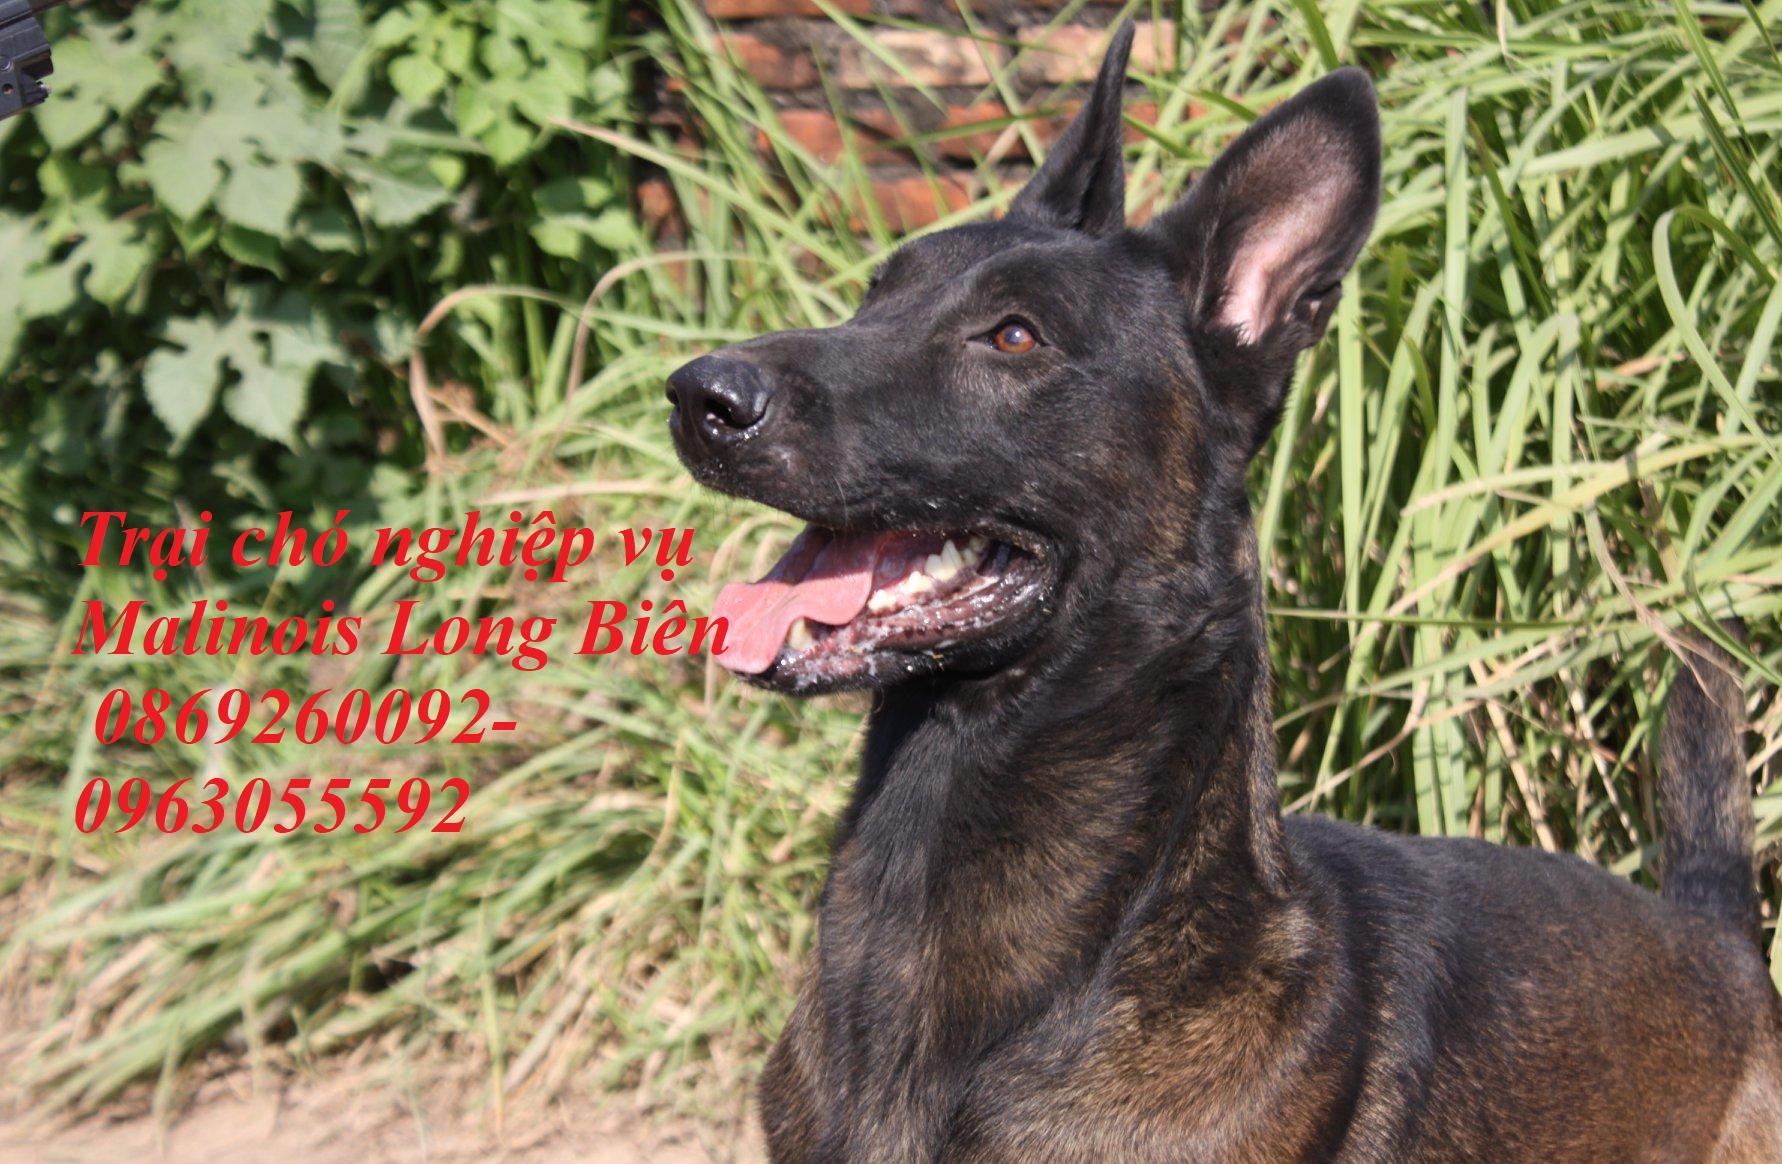 Chó belgian malinois luôn hướng ánh mắt về chủ tại trại chó nghiệp vụ malinois Long Biên